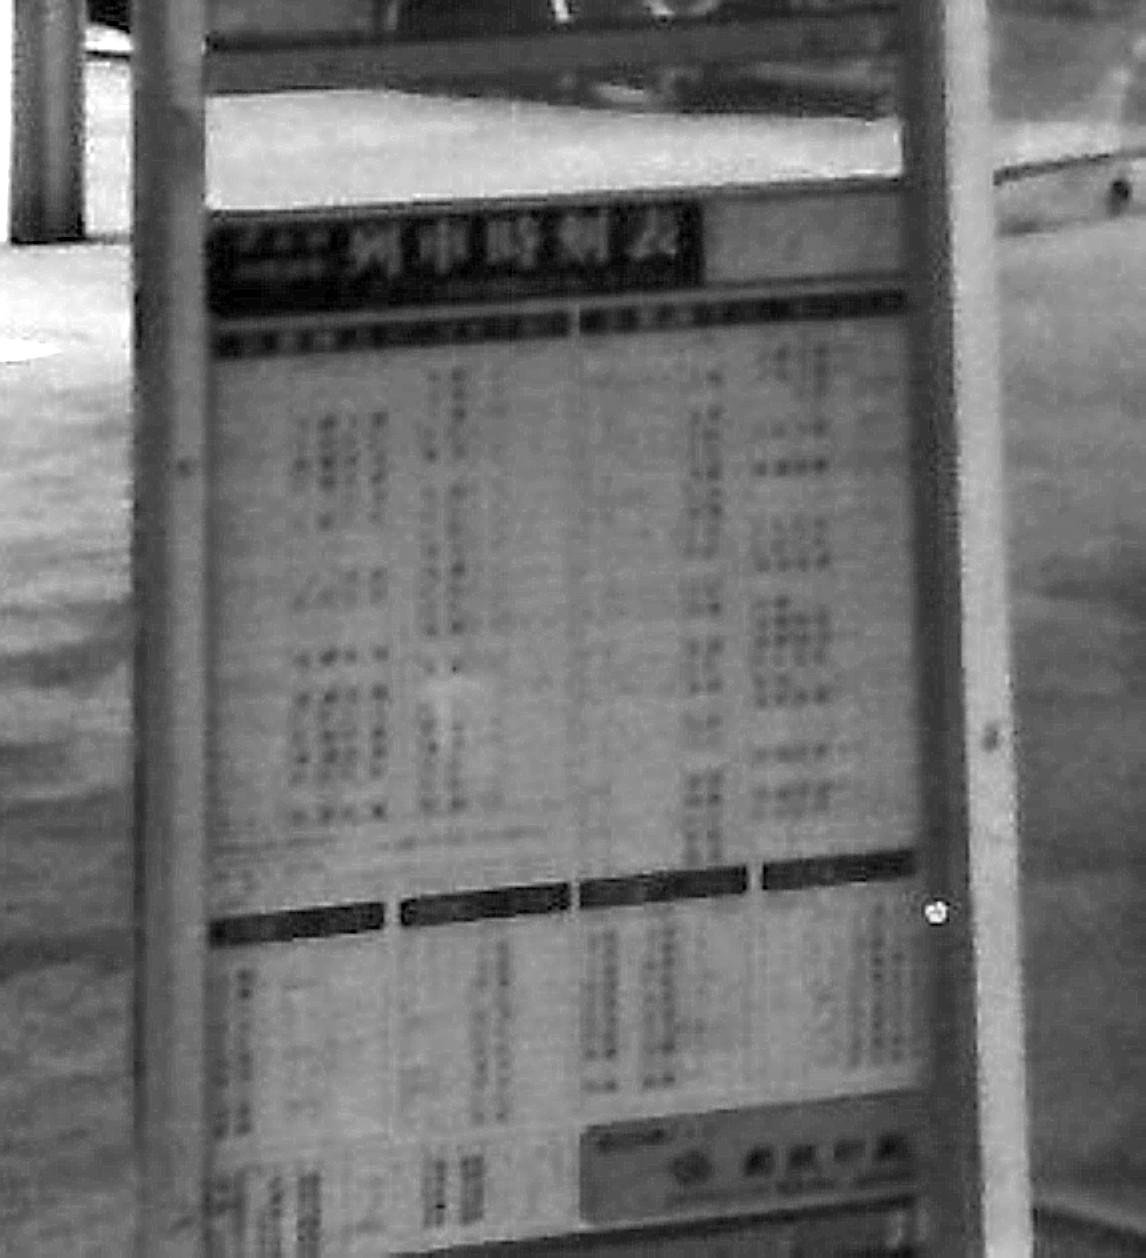 bb-163v2.jpg